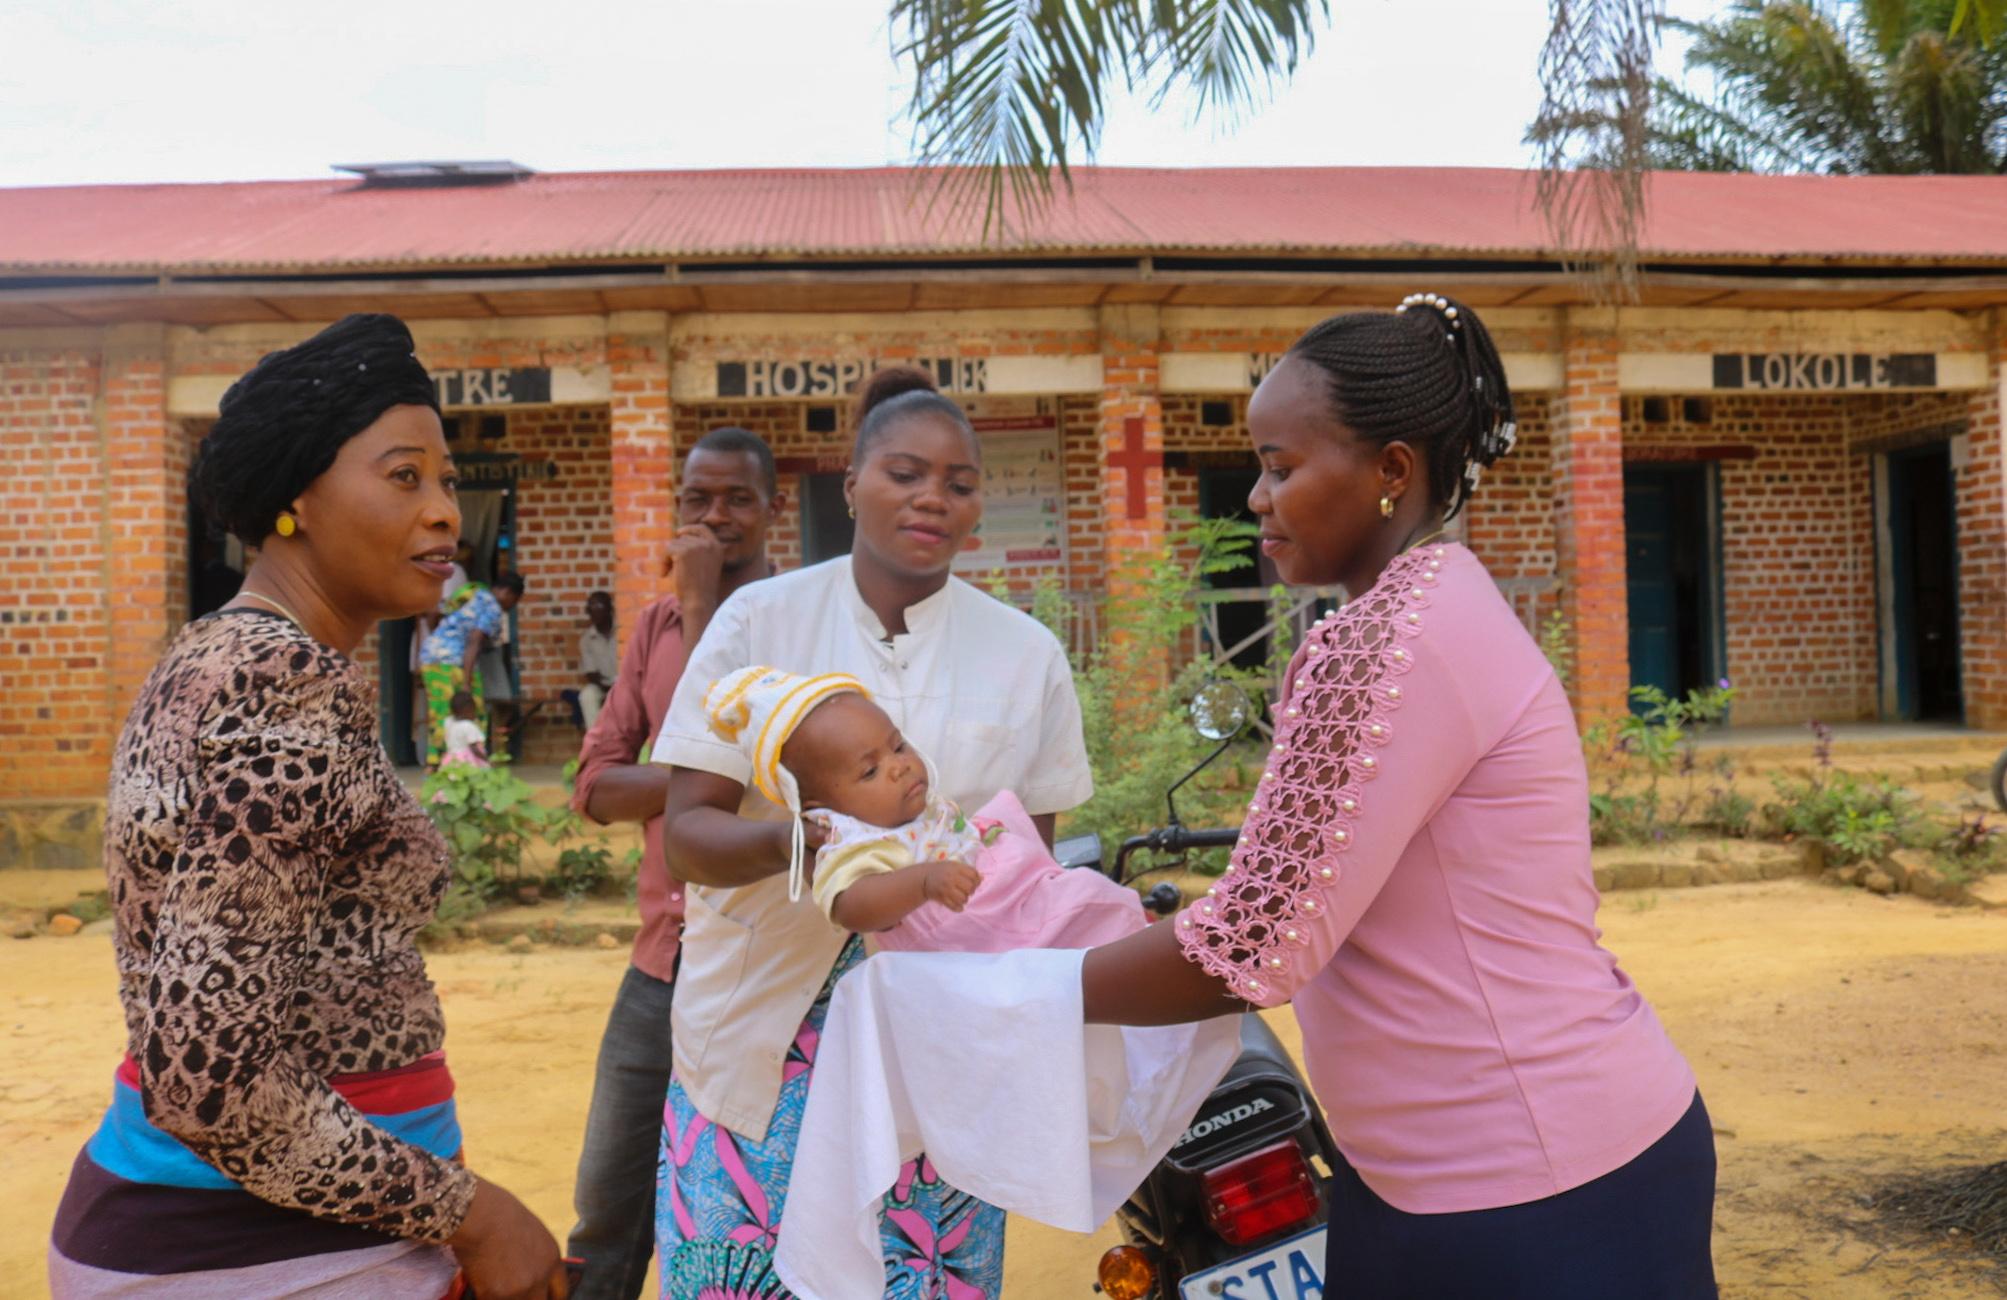 Une infirmière de l'Hôpital Méthodiste Uni de Lokolé à Kindu, en RDC, rend un enfant à sa mère après une séance de vaccination de routine. Les hôpitaux et cliniques de l'Église Méthodiste Unie contribuent à la vaccination de milliers d'enfants chaque année dans le pays. Photo de Chadrack Tambwe Londe, UM News.